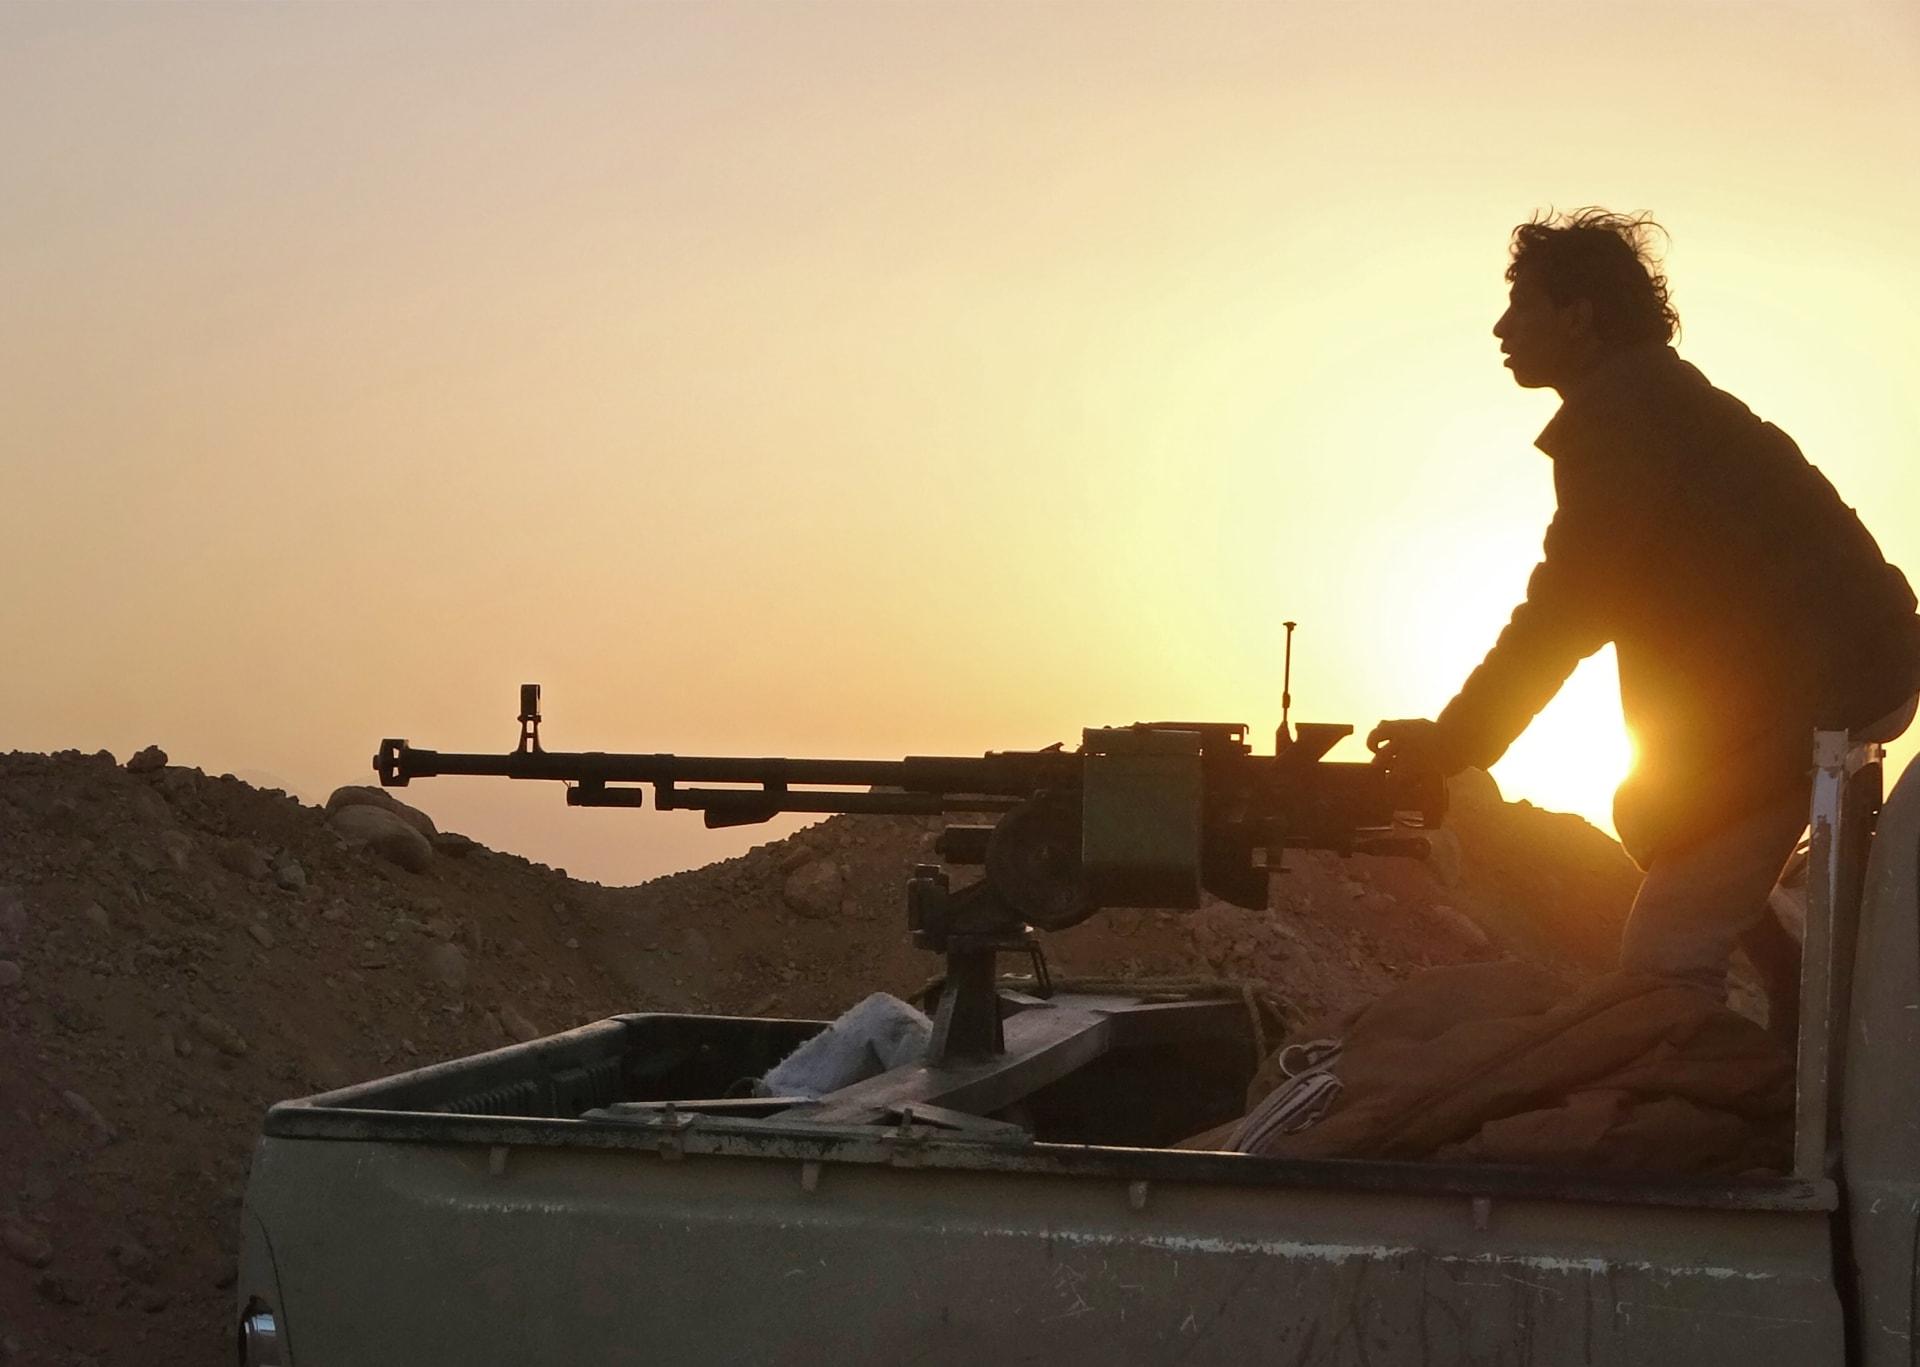 الخارجية الأمريكية: إلغاء تصنيف الحوثيين منظمة إرهابية.. وبقاء قادتها في لائحة العقوبات